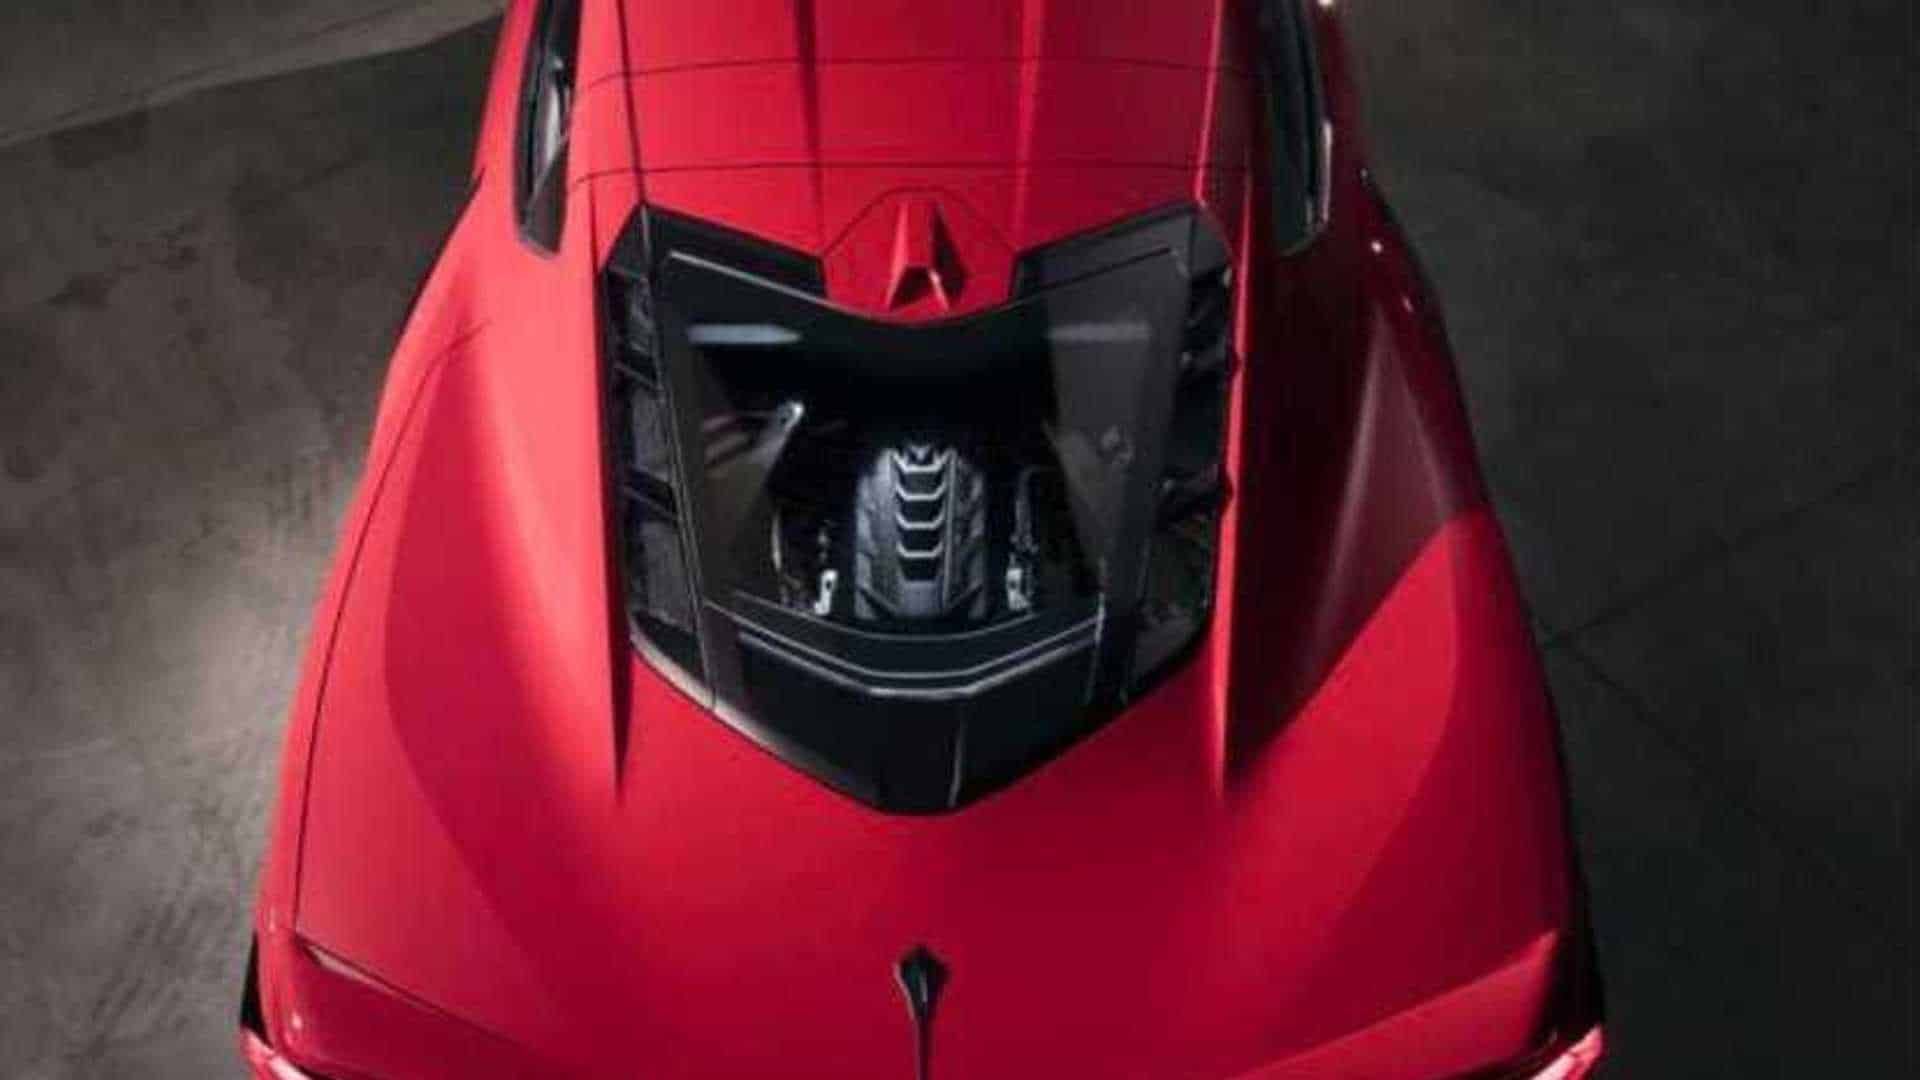 全新科尔维特C8 Stingray发布,采用中置发动机,更快更强